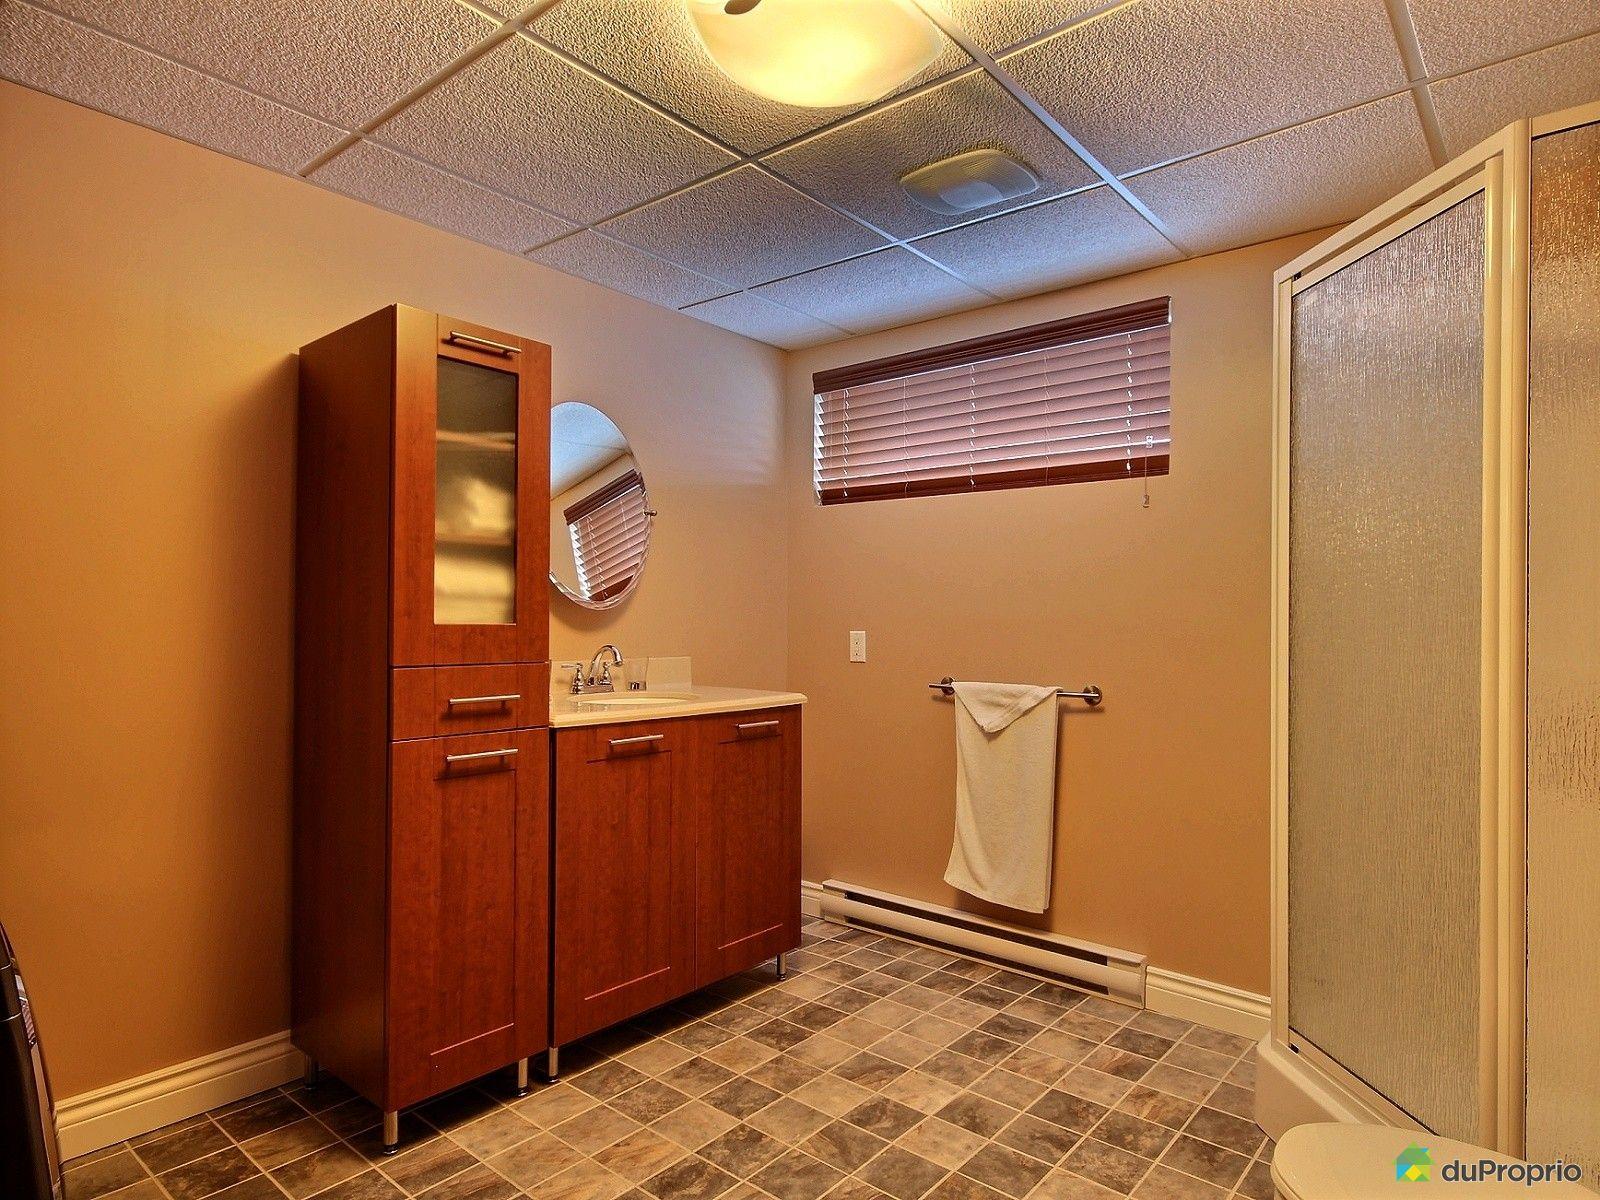 Maison vendre longueuil 1254 rue du petit bois for Petite salle de bain sous sol